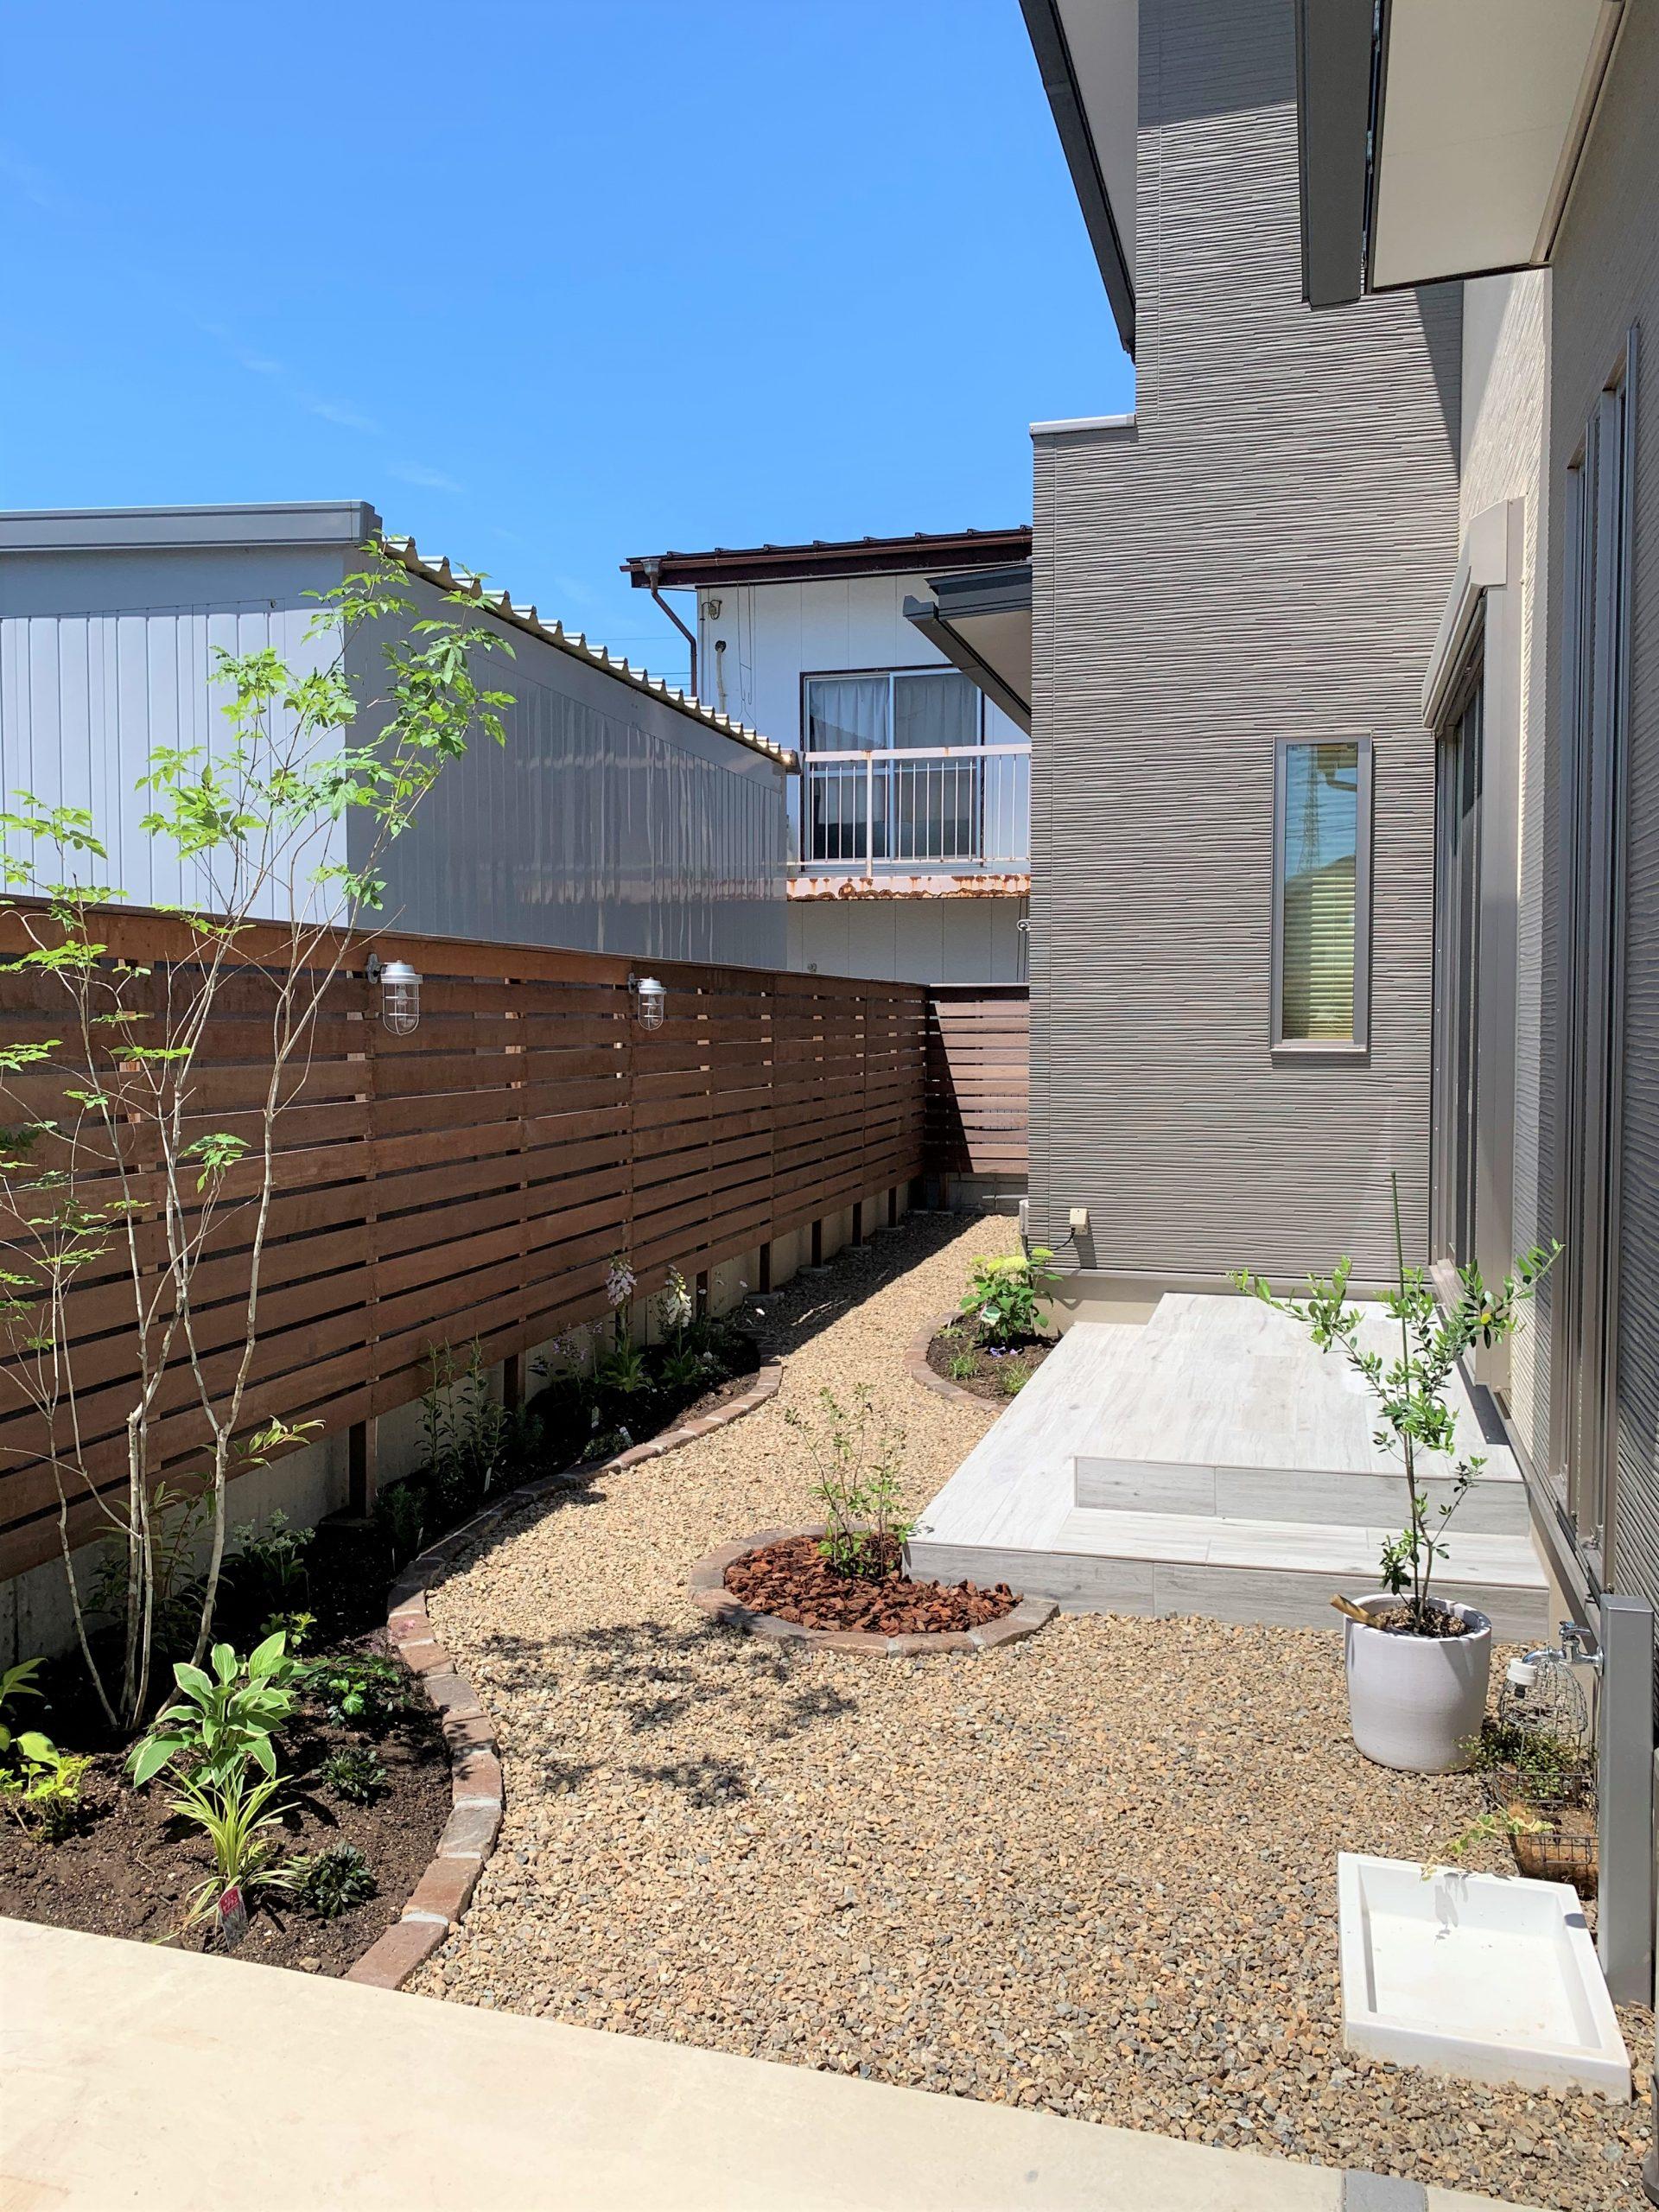 ウッドフェンスと植栽のあるお庭